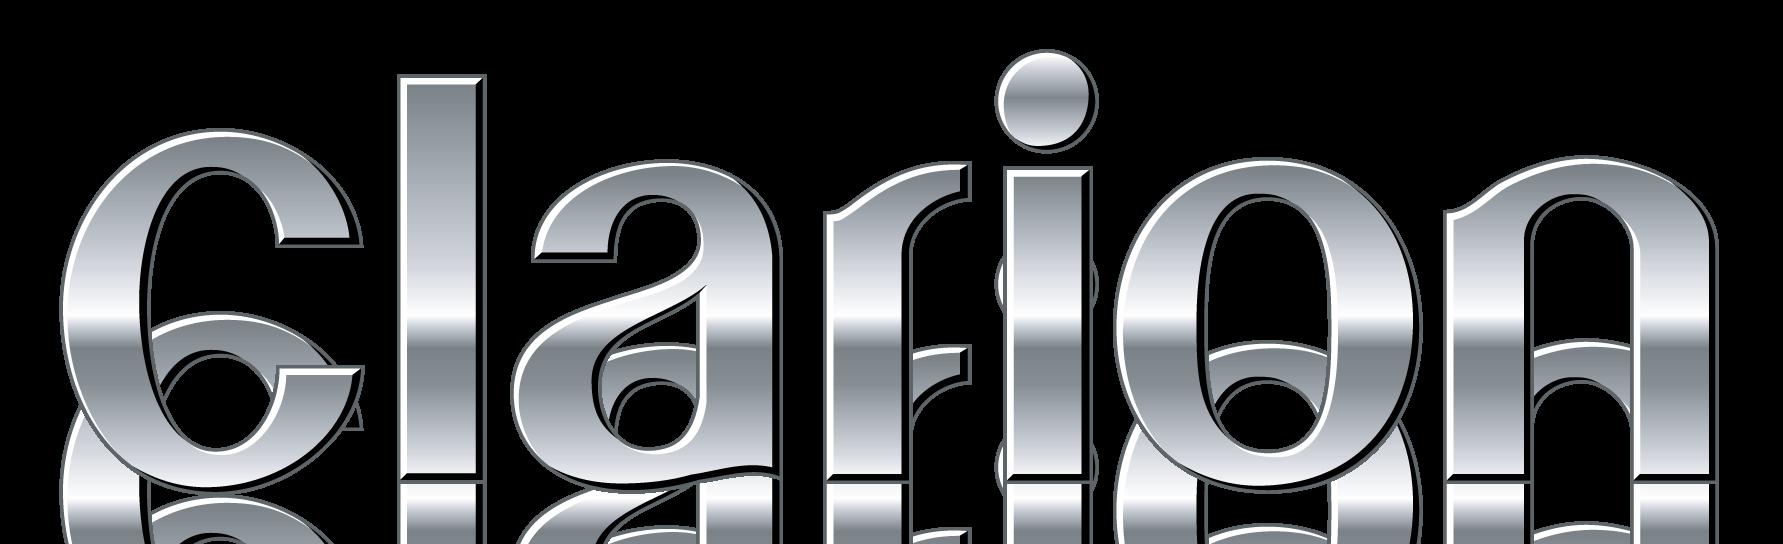 Clarion Marine Audio